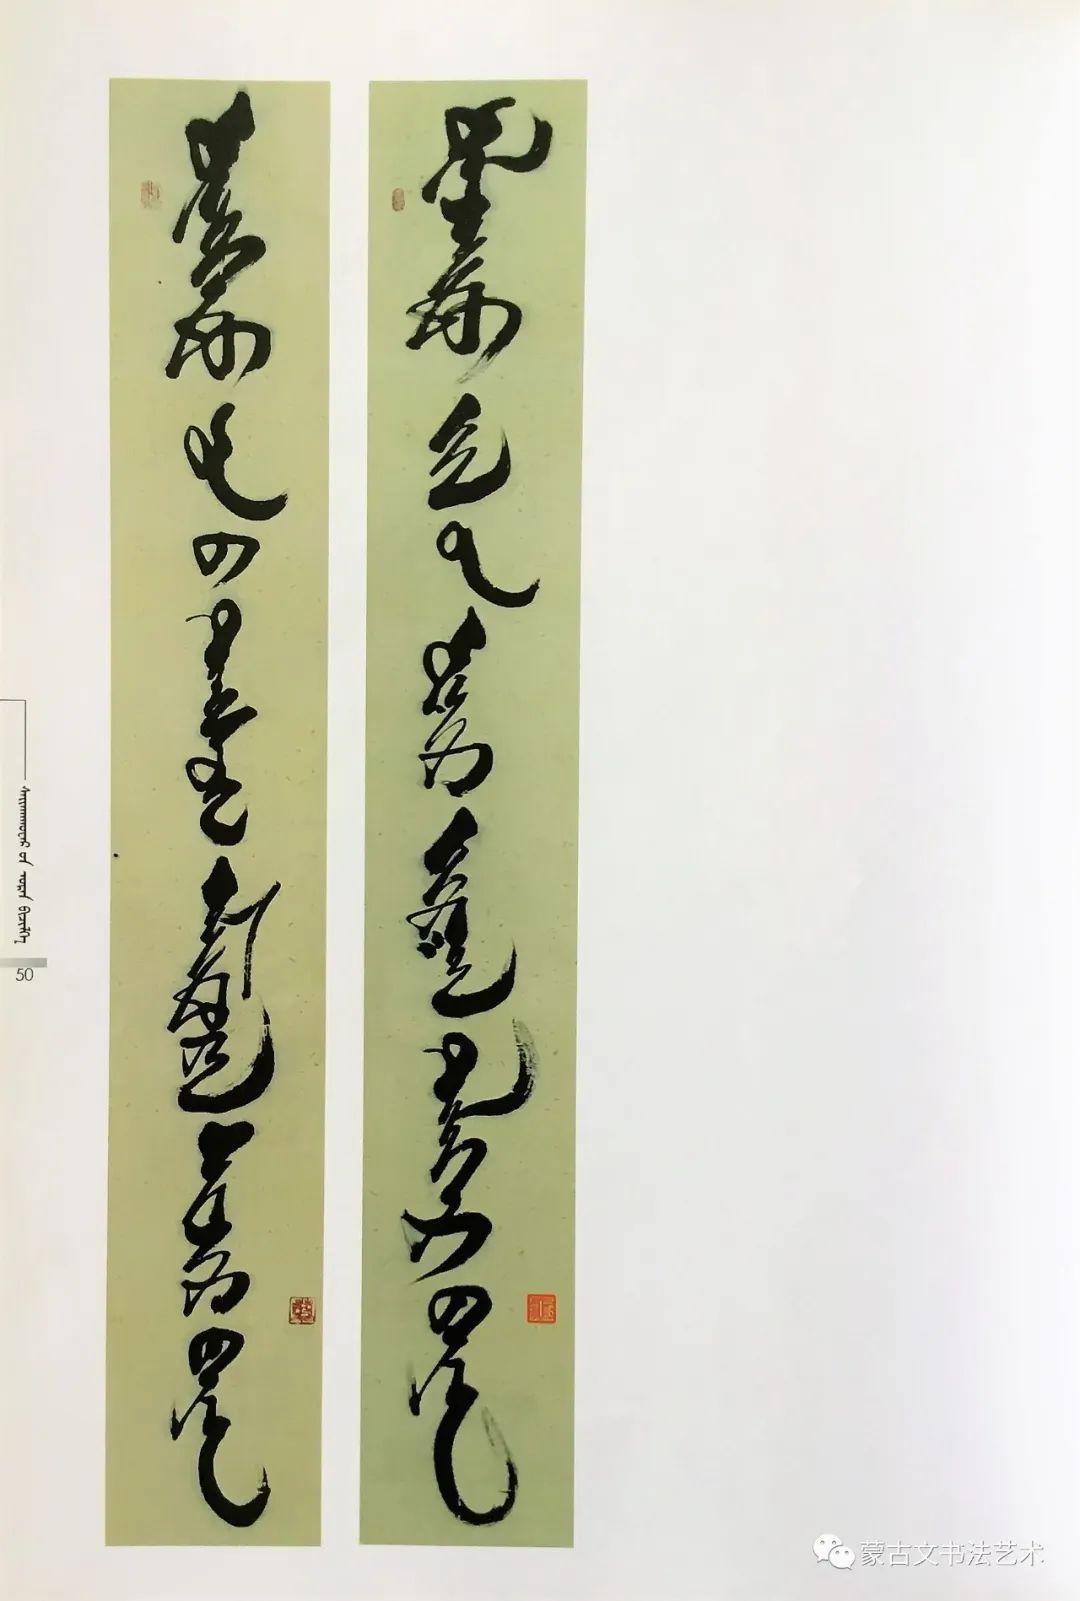 包赛音花《传奇奈曼-包赛音花蒙古文书法》 第14张 包赛音花《传奇奈曼-包赛音花蒙古文书法》 蒙古书法